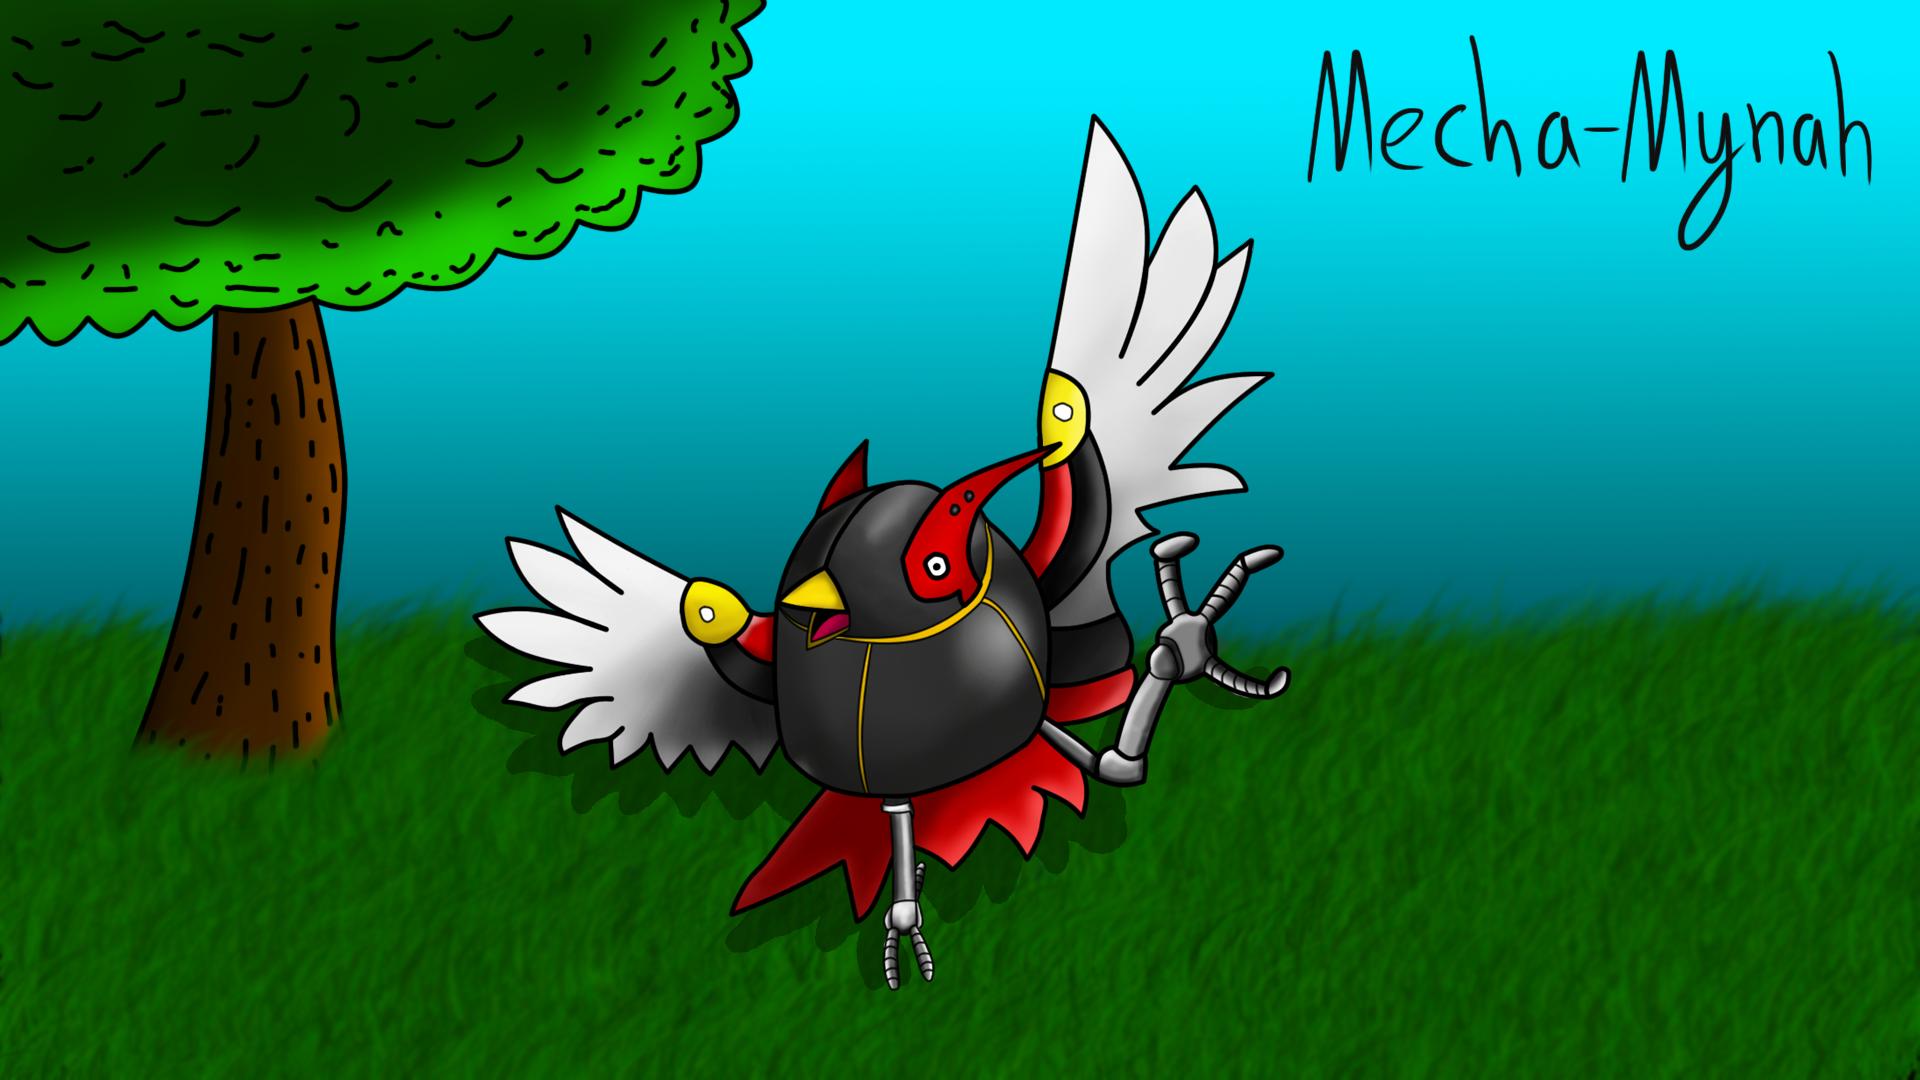 Mecha-Mynah!